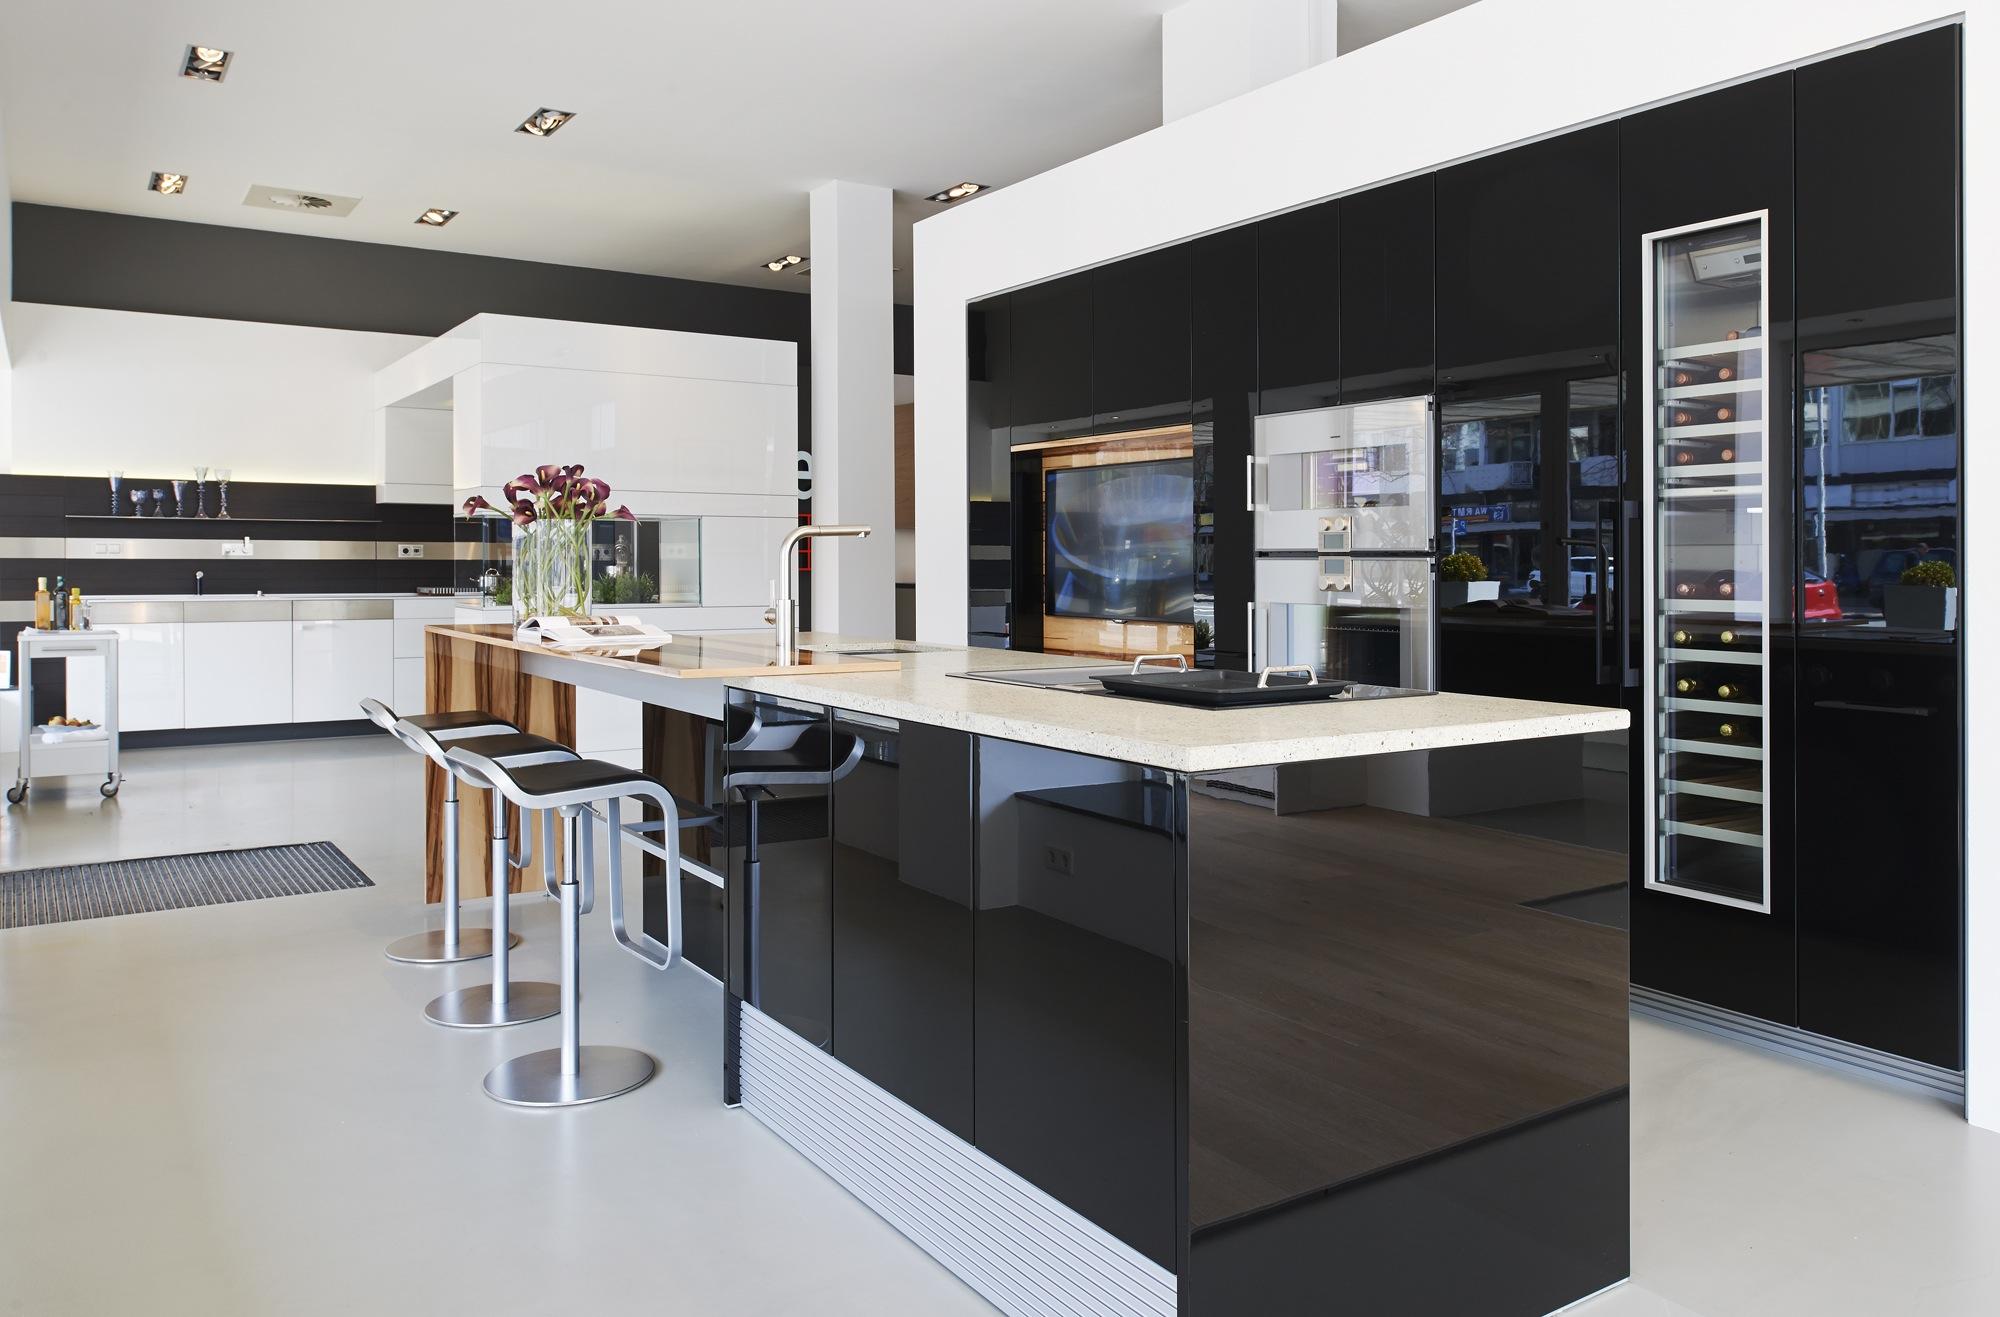 Poggenpohl keuken design studio amsterdam nieuws startpagina voor keuken idee n uw - Meubels studio keuken ...